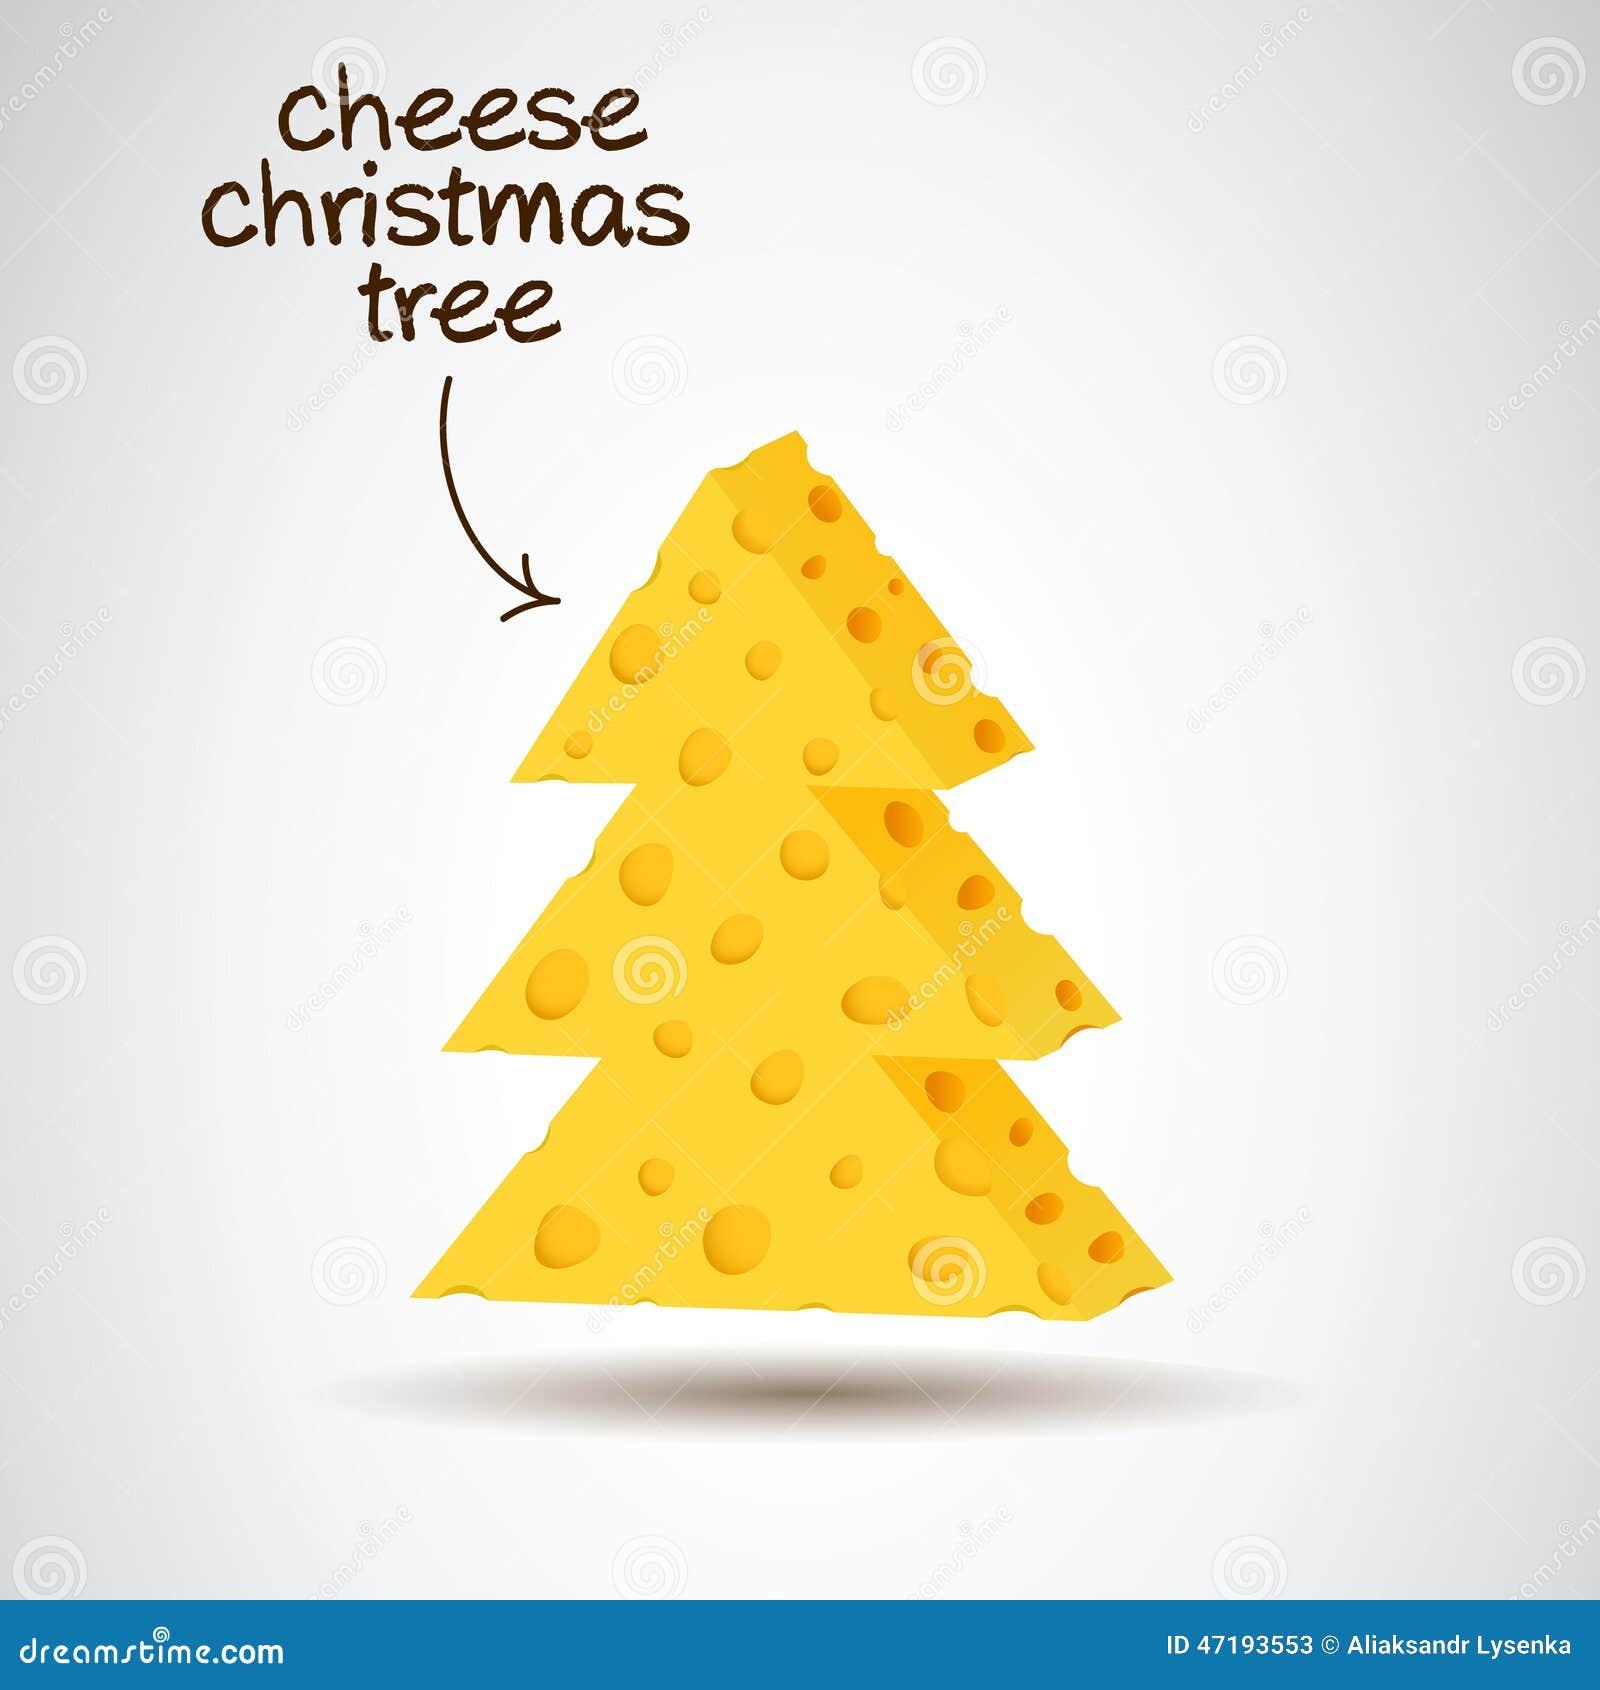 Rbol de navidad en dise o del queso ilustraci n del - Arbol navidad diseno ...